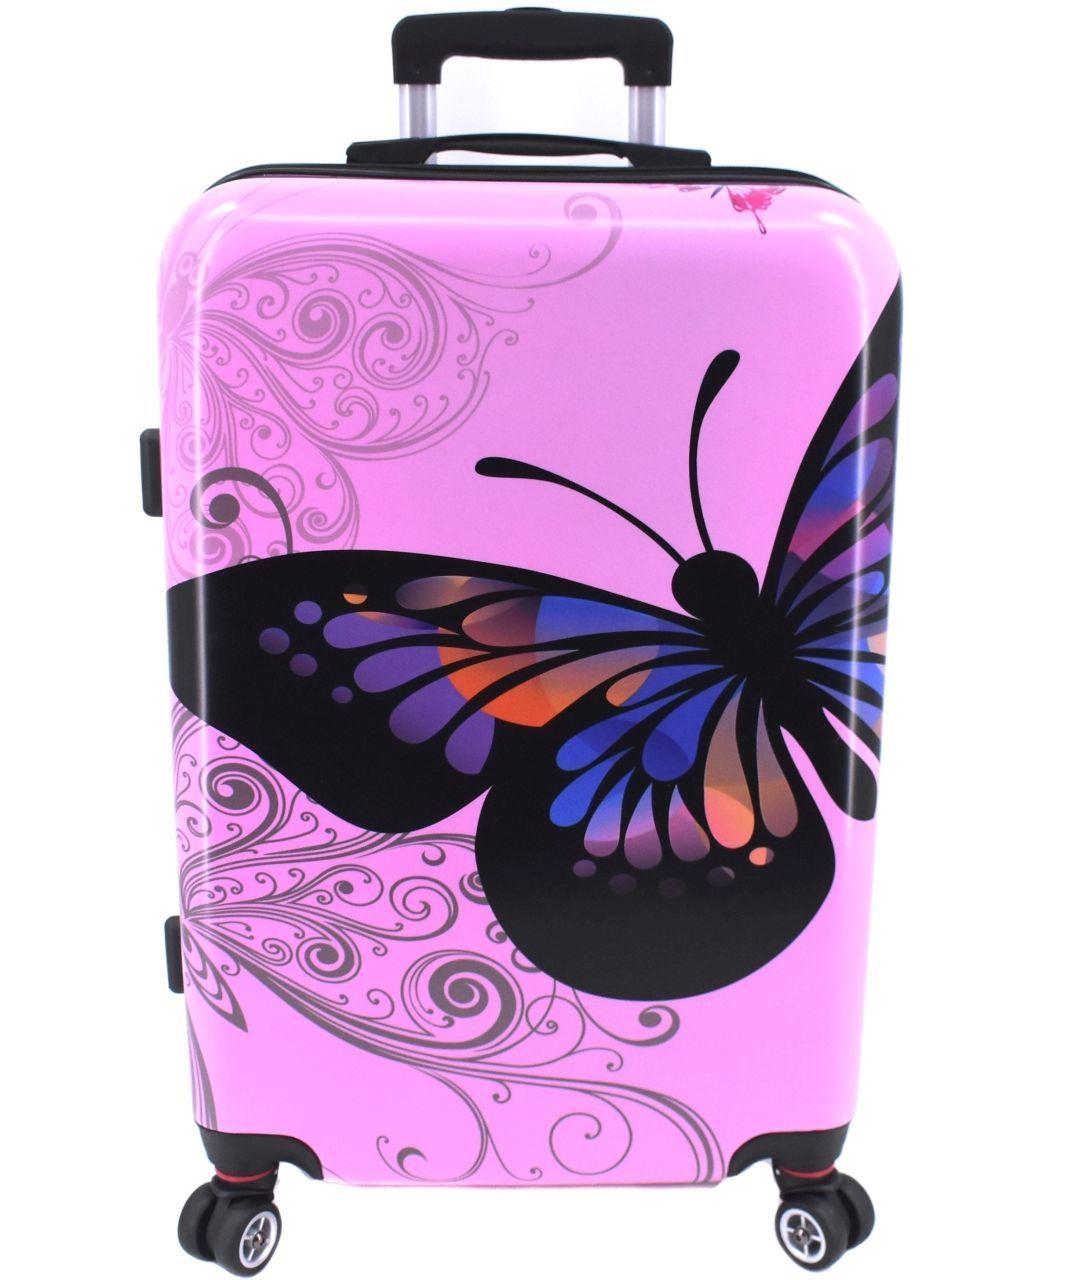 Cestovní skořepina kufr na čtyřech kolečkách Arteddy - motýl/růžová (M) 70l 37148 (M)